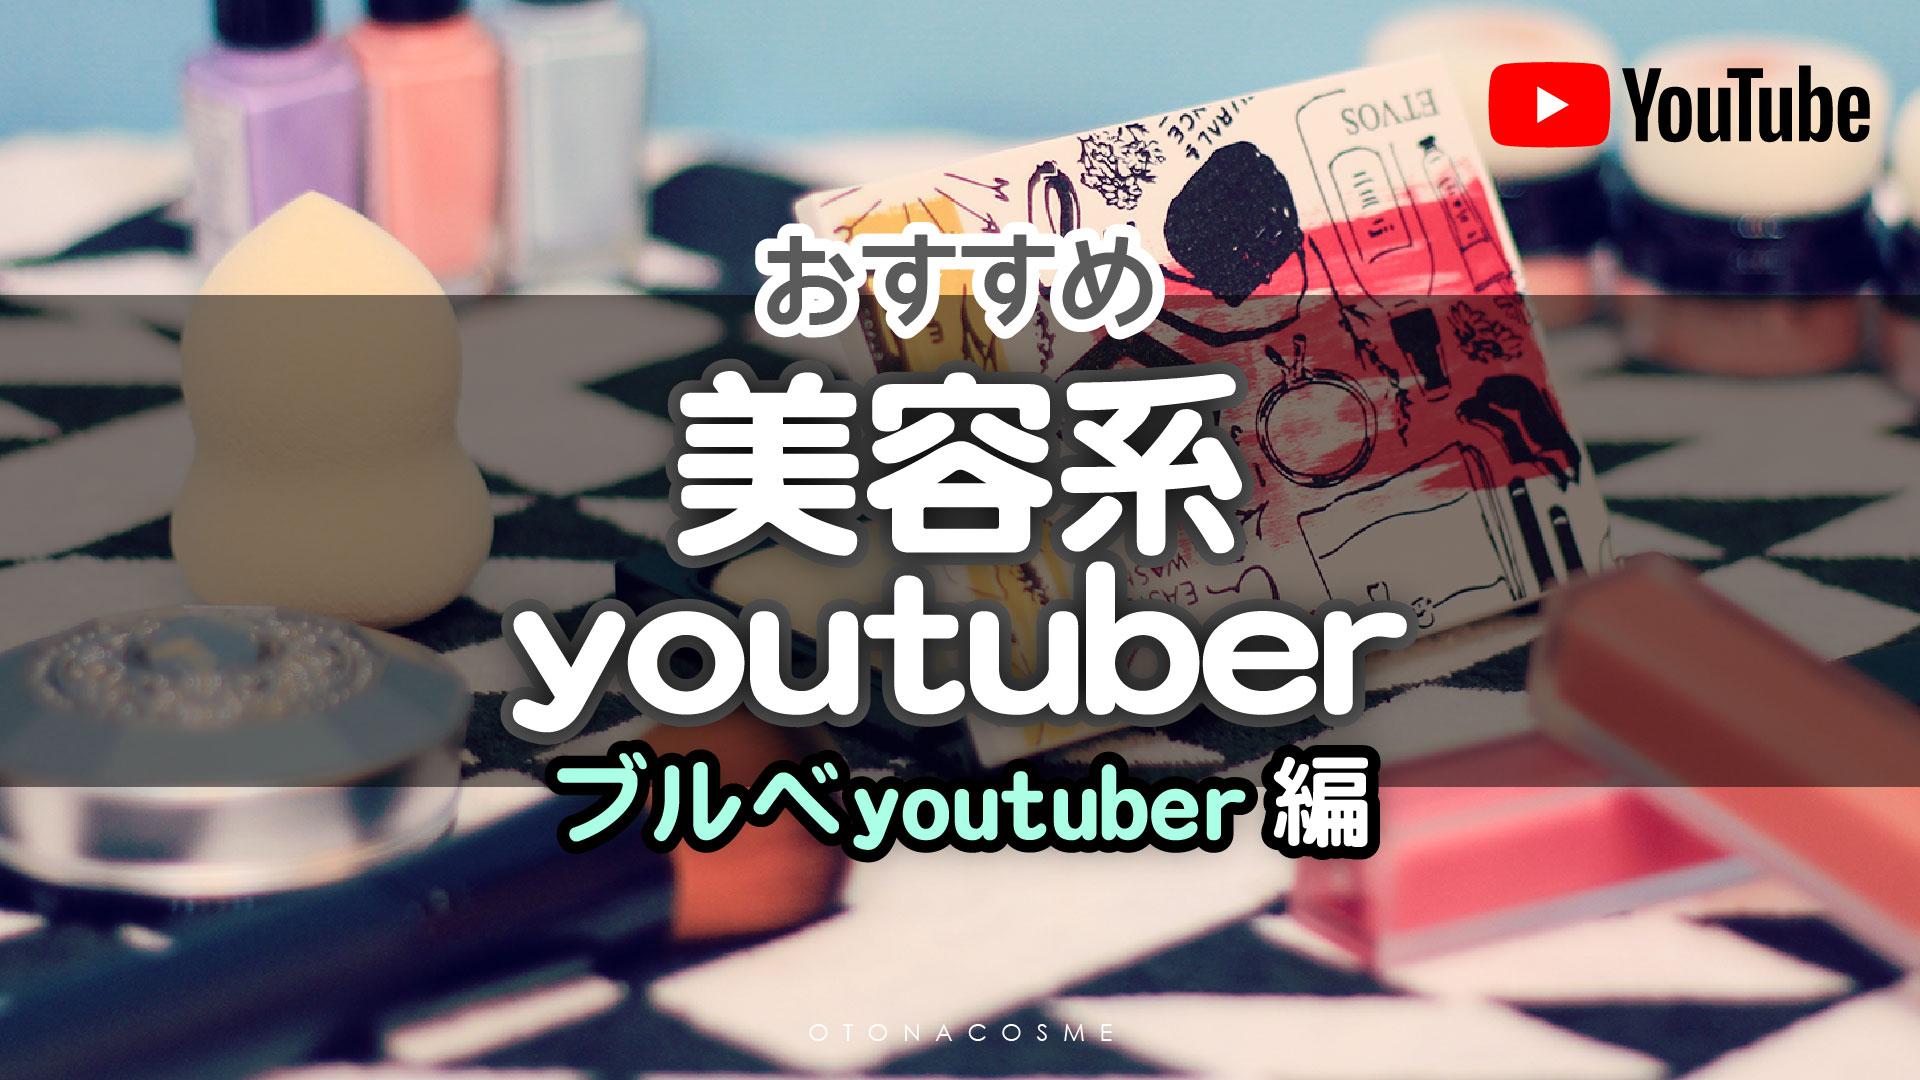 【ブルベ】参考にしたい♡美容系youtuber